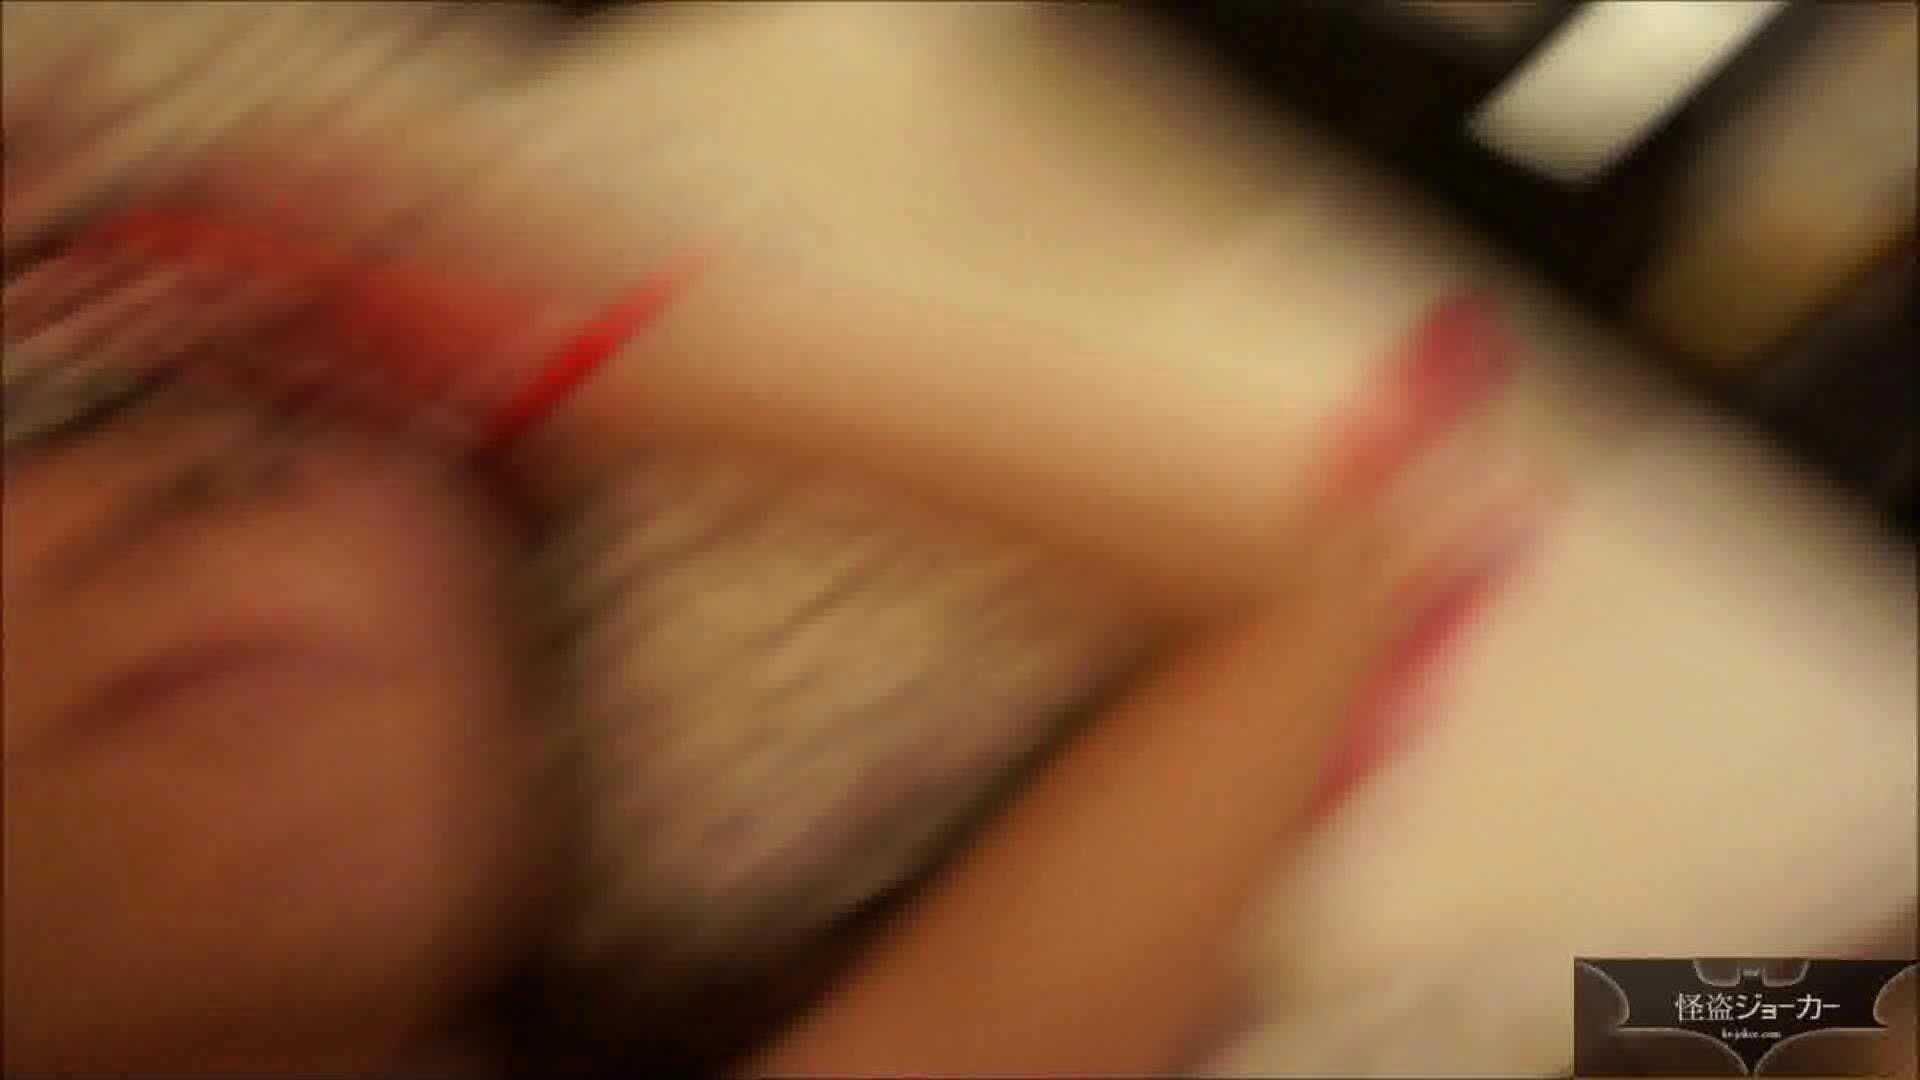 【未公開】vol.25 ユリナ、寝取られのアト。実はその前に・・・ エッチすぎるOL達 ワレメ動画紹介 18連発 17